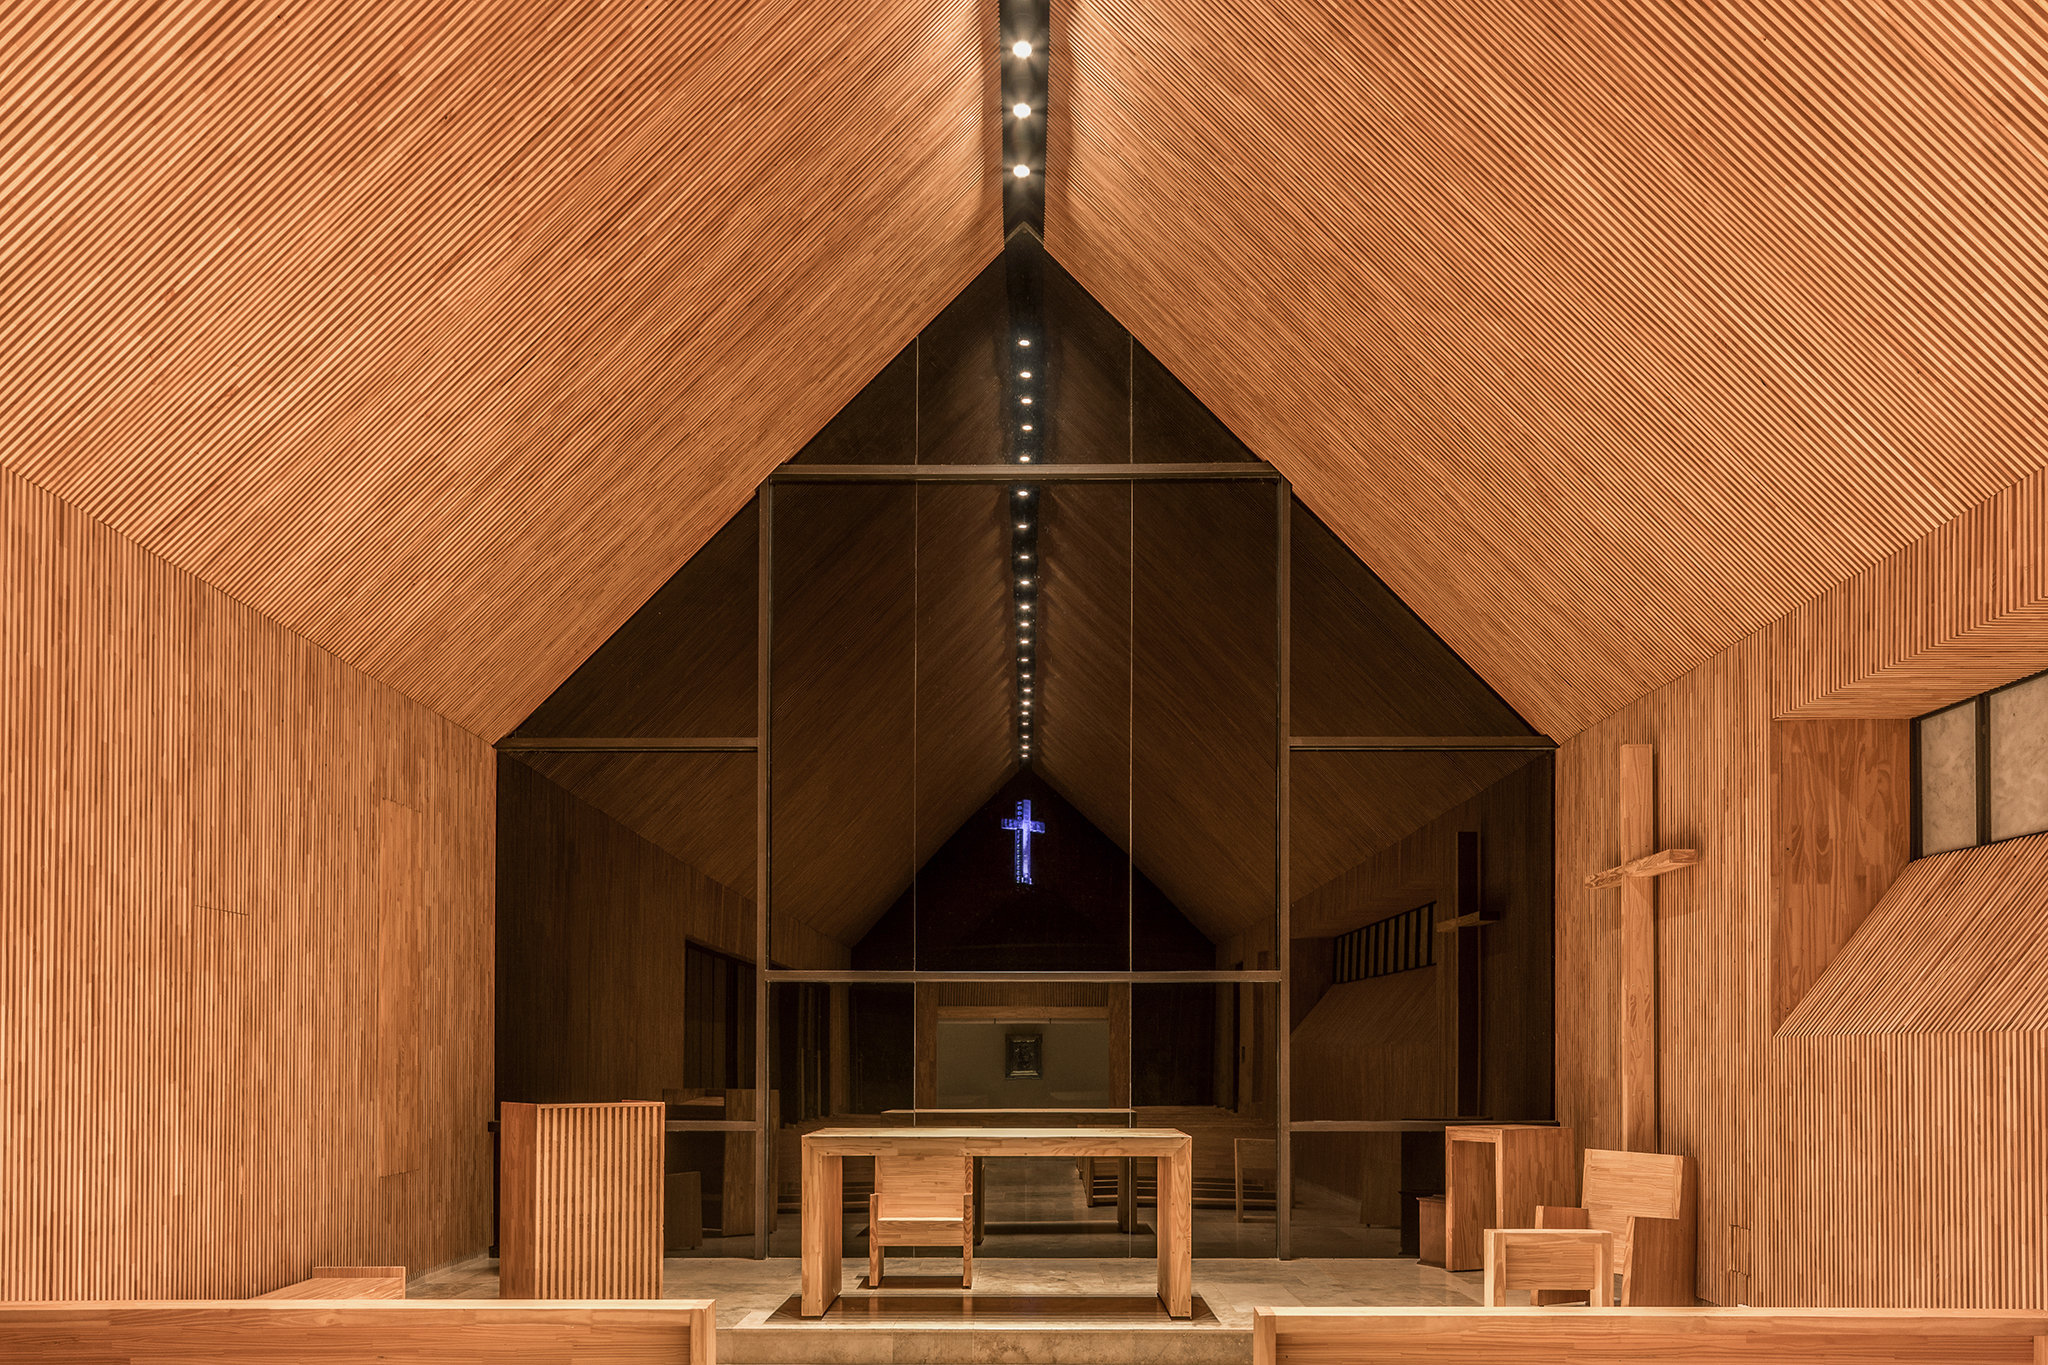 Cappella di Santa Ana, nel territori di Misiones, in Argentina. Progetto dello studio Cella. (foto Ramiro Soza)